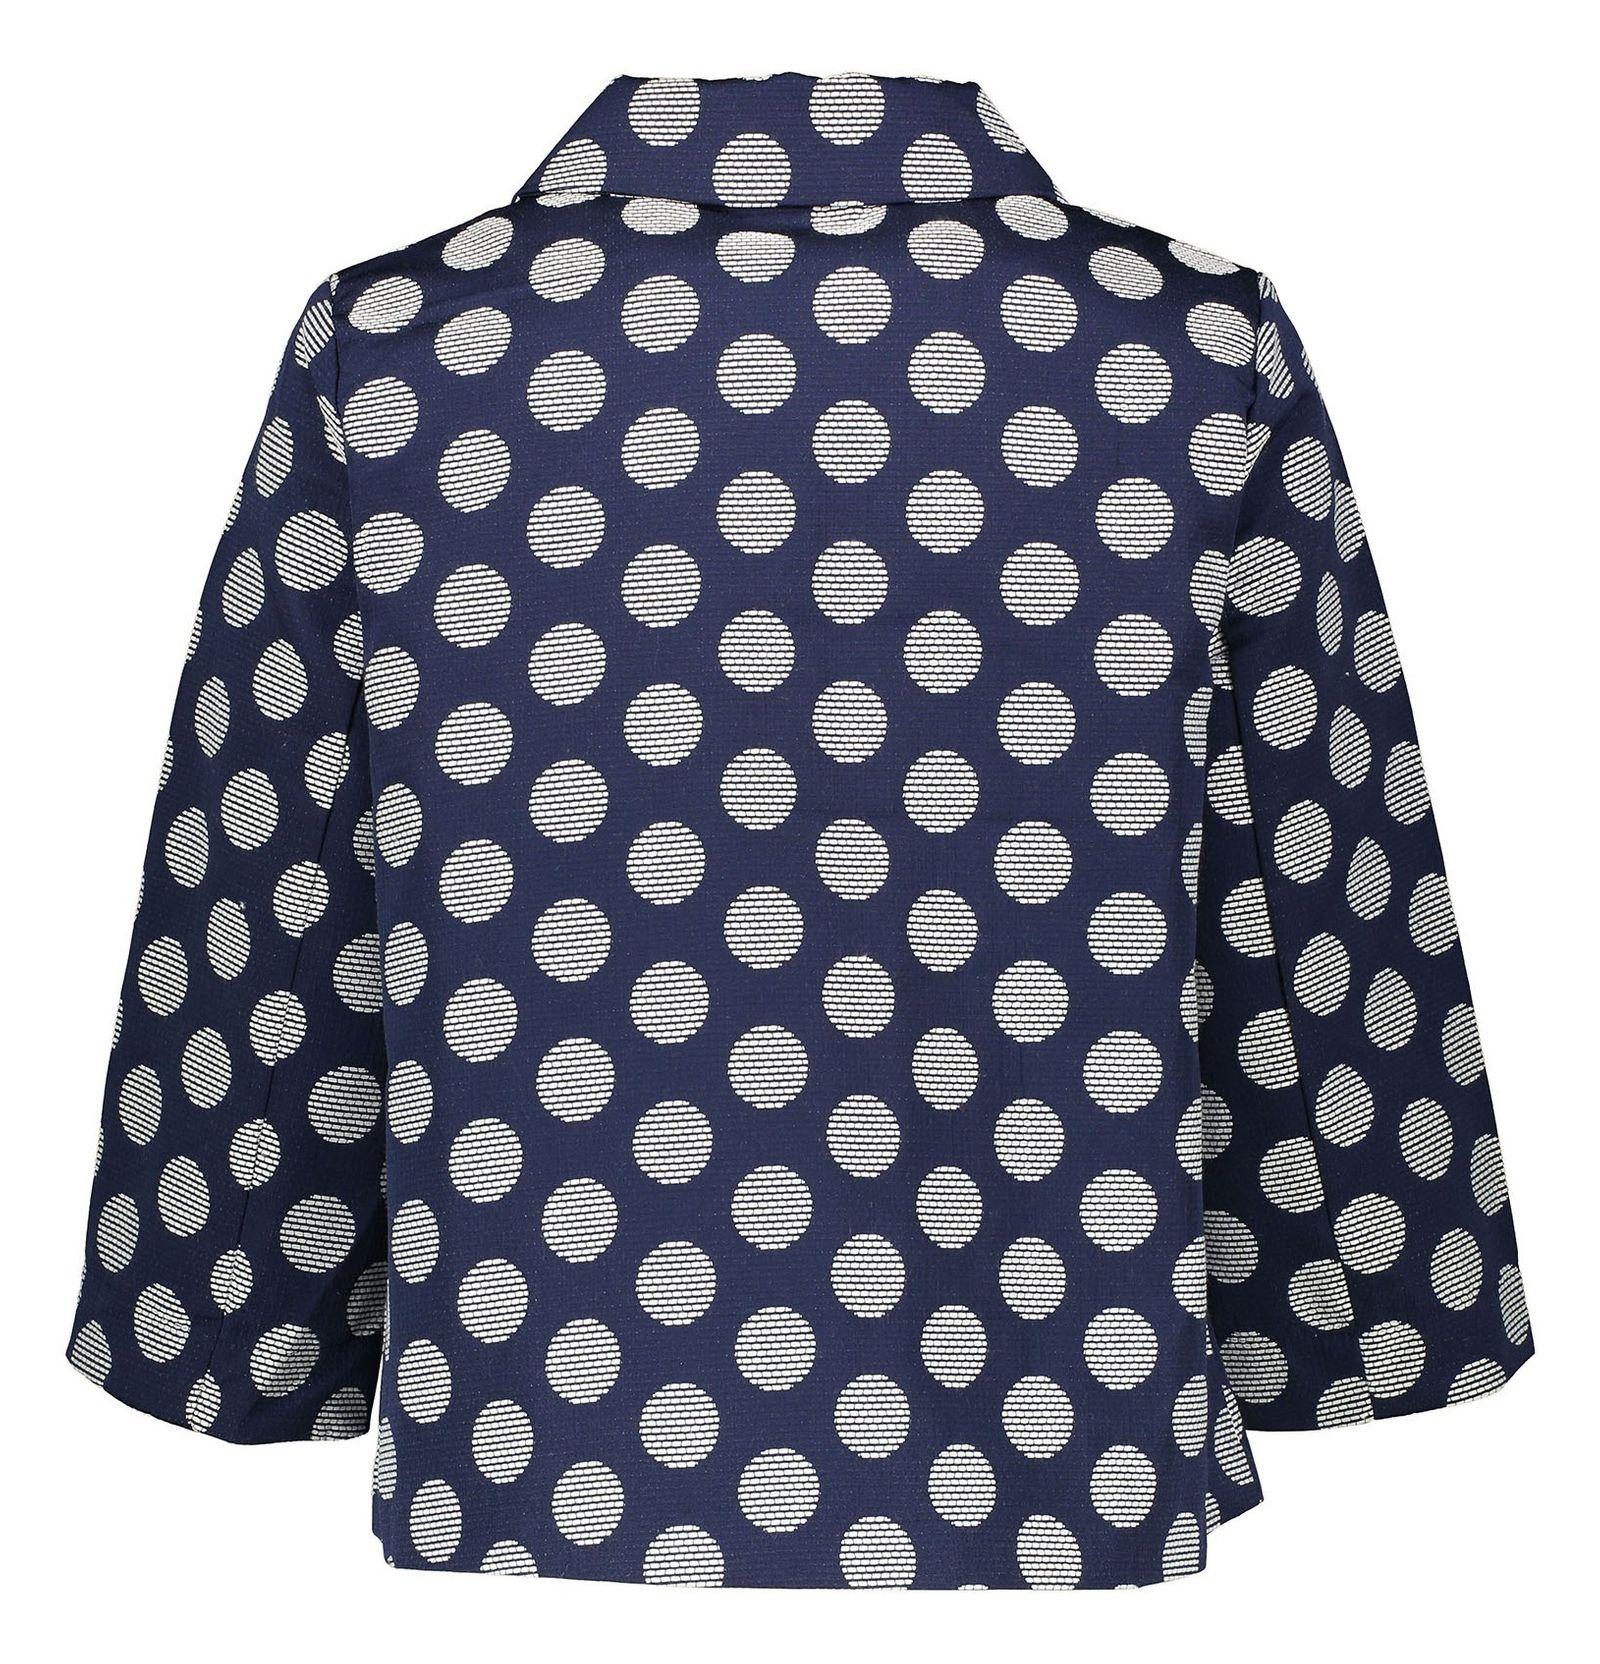 کت کوتاه زنانه - یوپیم - سرمه اي - 4